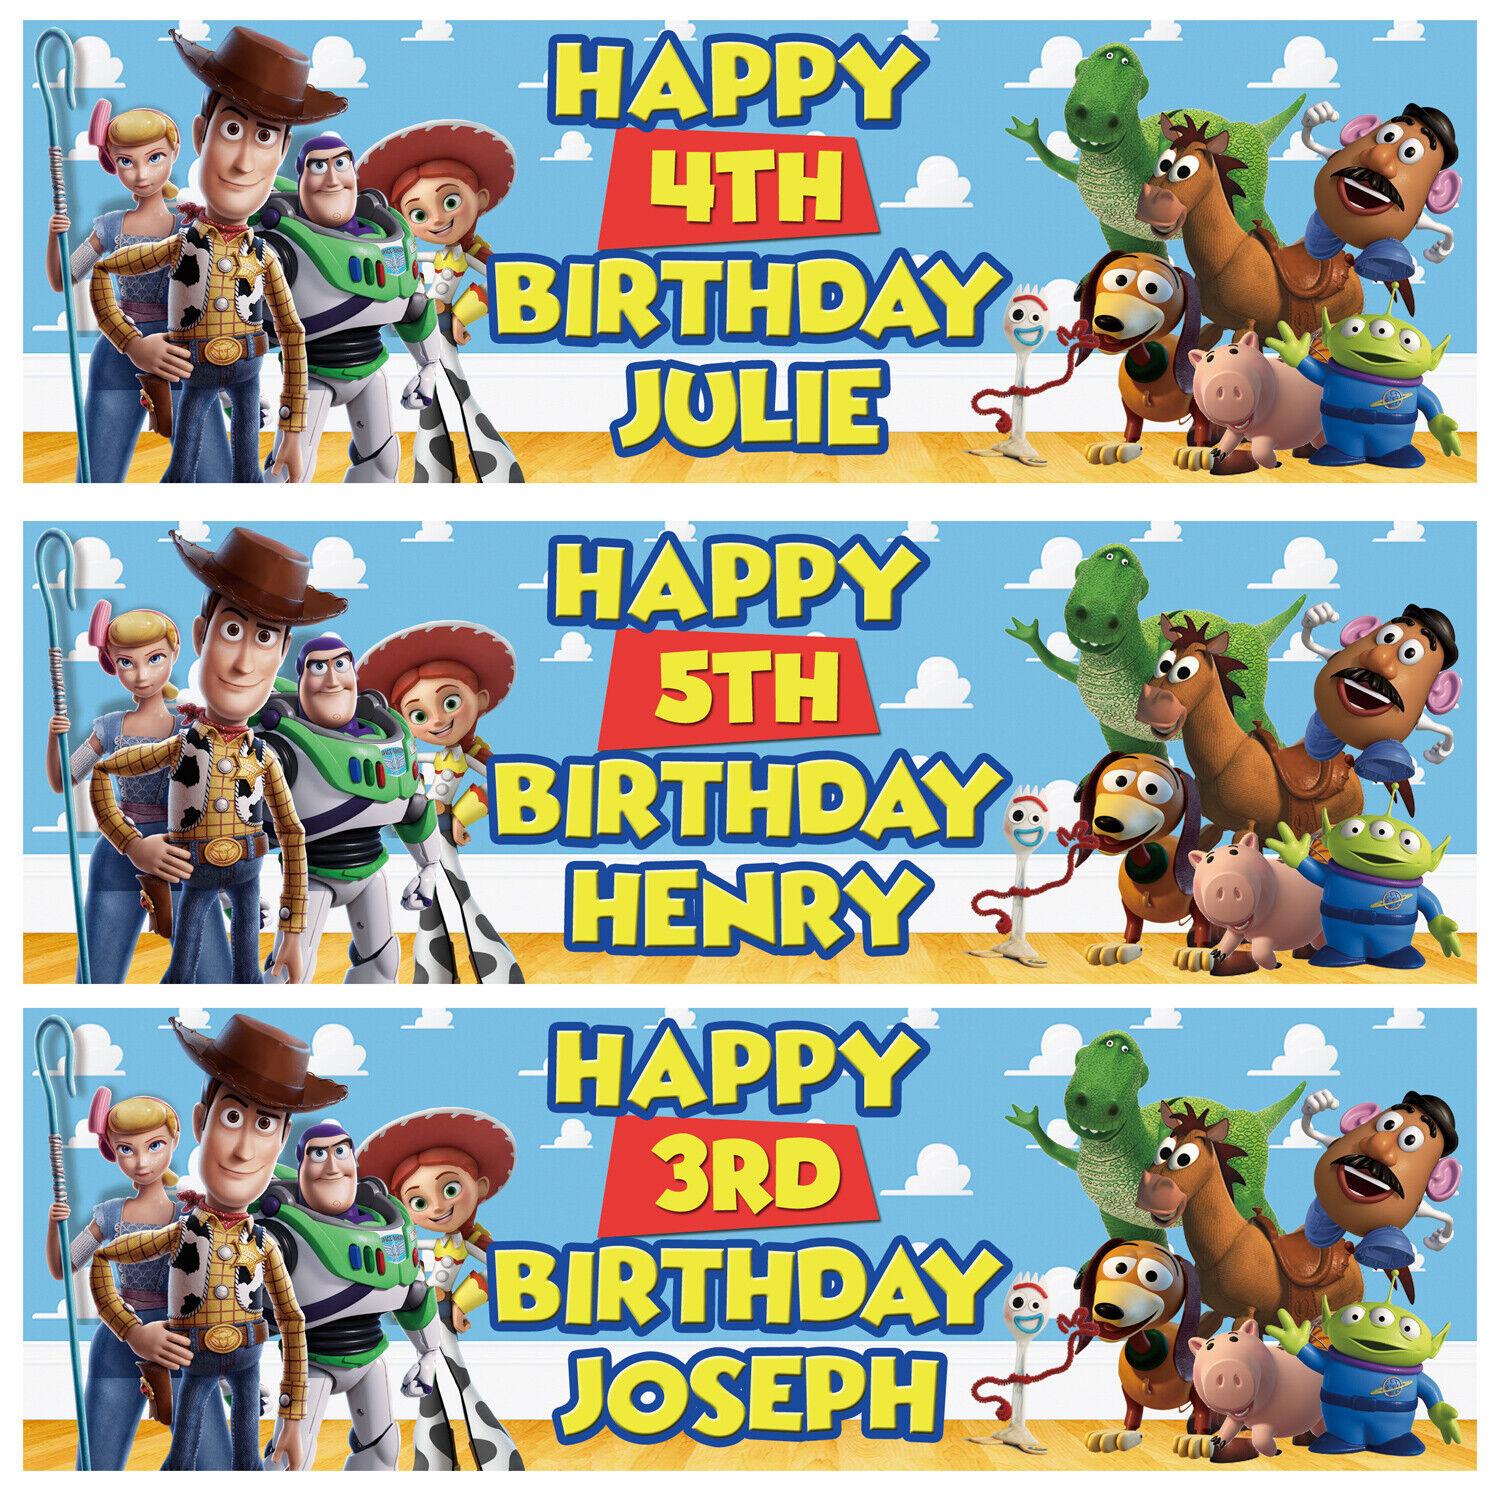 X2 Personnalisé Anniversaire Bannière Toy Story Enfants Fête Décoration Poster 4